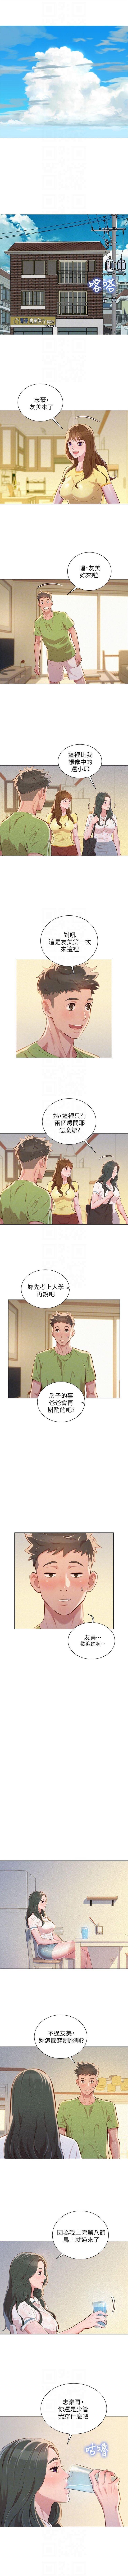 (周7)漂亮干姐姐  1-81 中文翻译 (更新中) 264